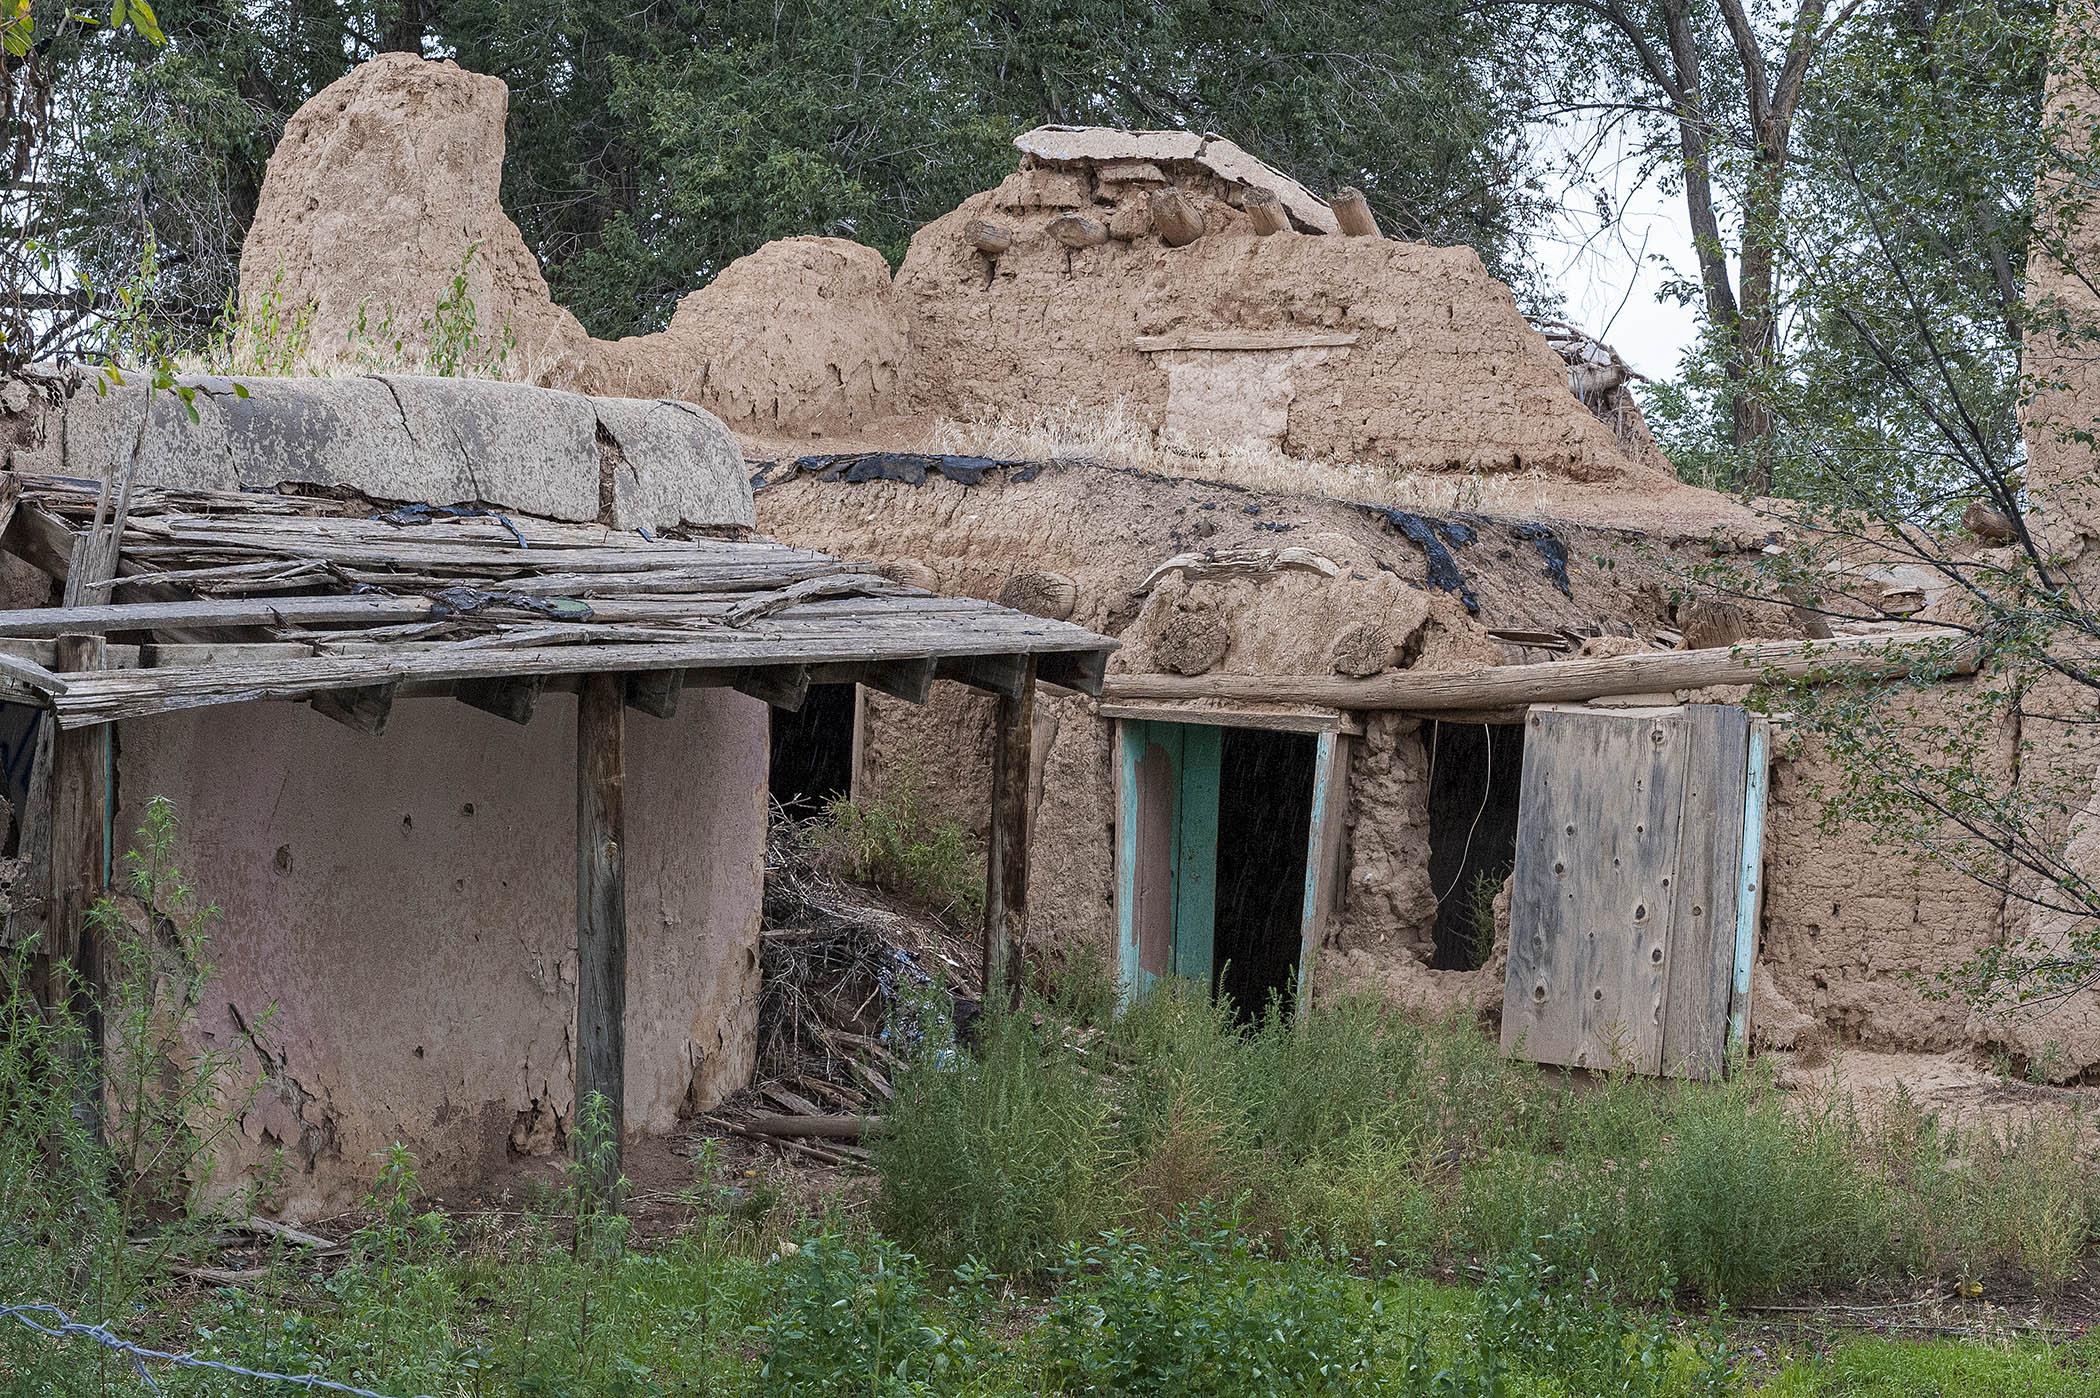 House-at-Ranches-de-Taos